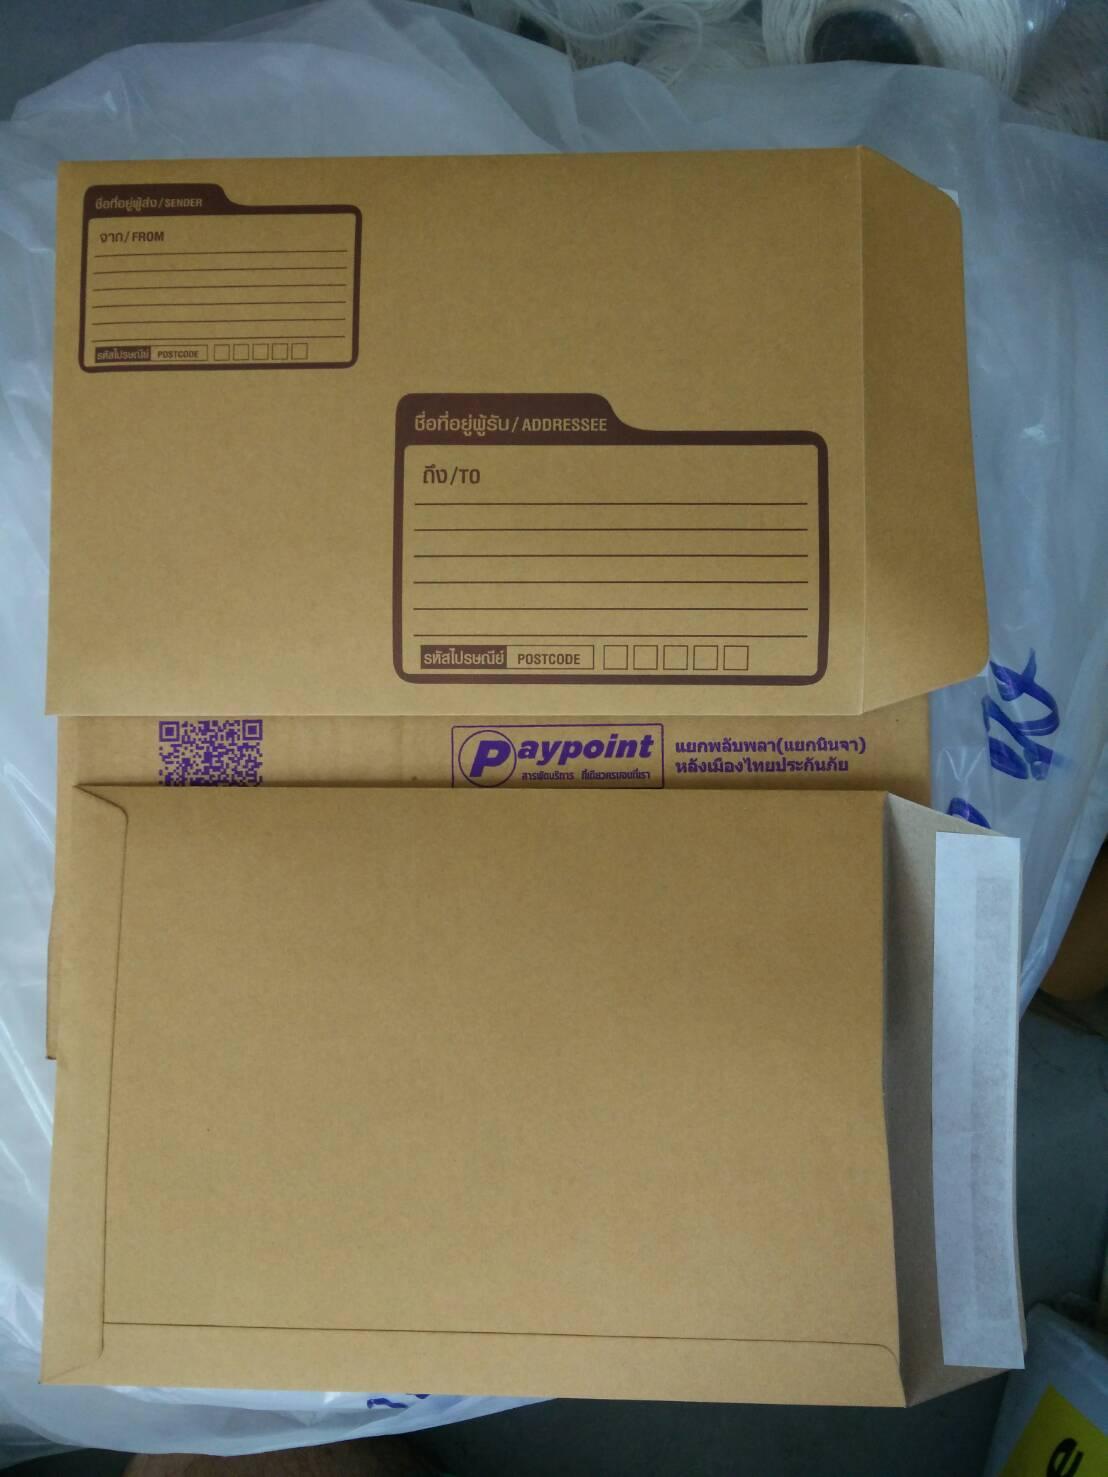 ซองเอกสาร สีน้ำตาล มีจ่าหน้า (ครึ่ง A4 /ซิลิโคน) ขนาด 7 x 10 นิ้ว (50 ใบ/แพ็ค)